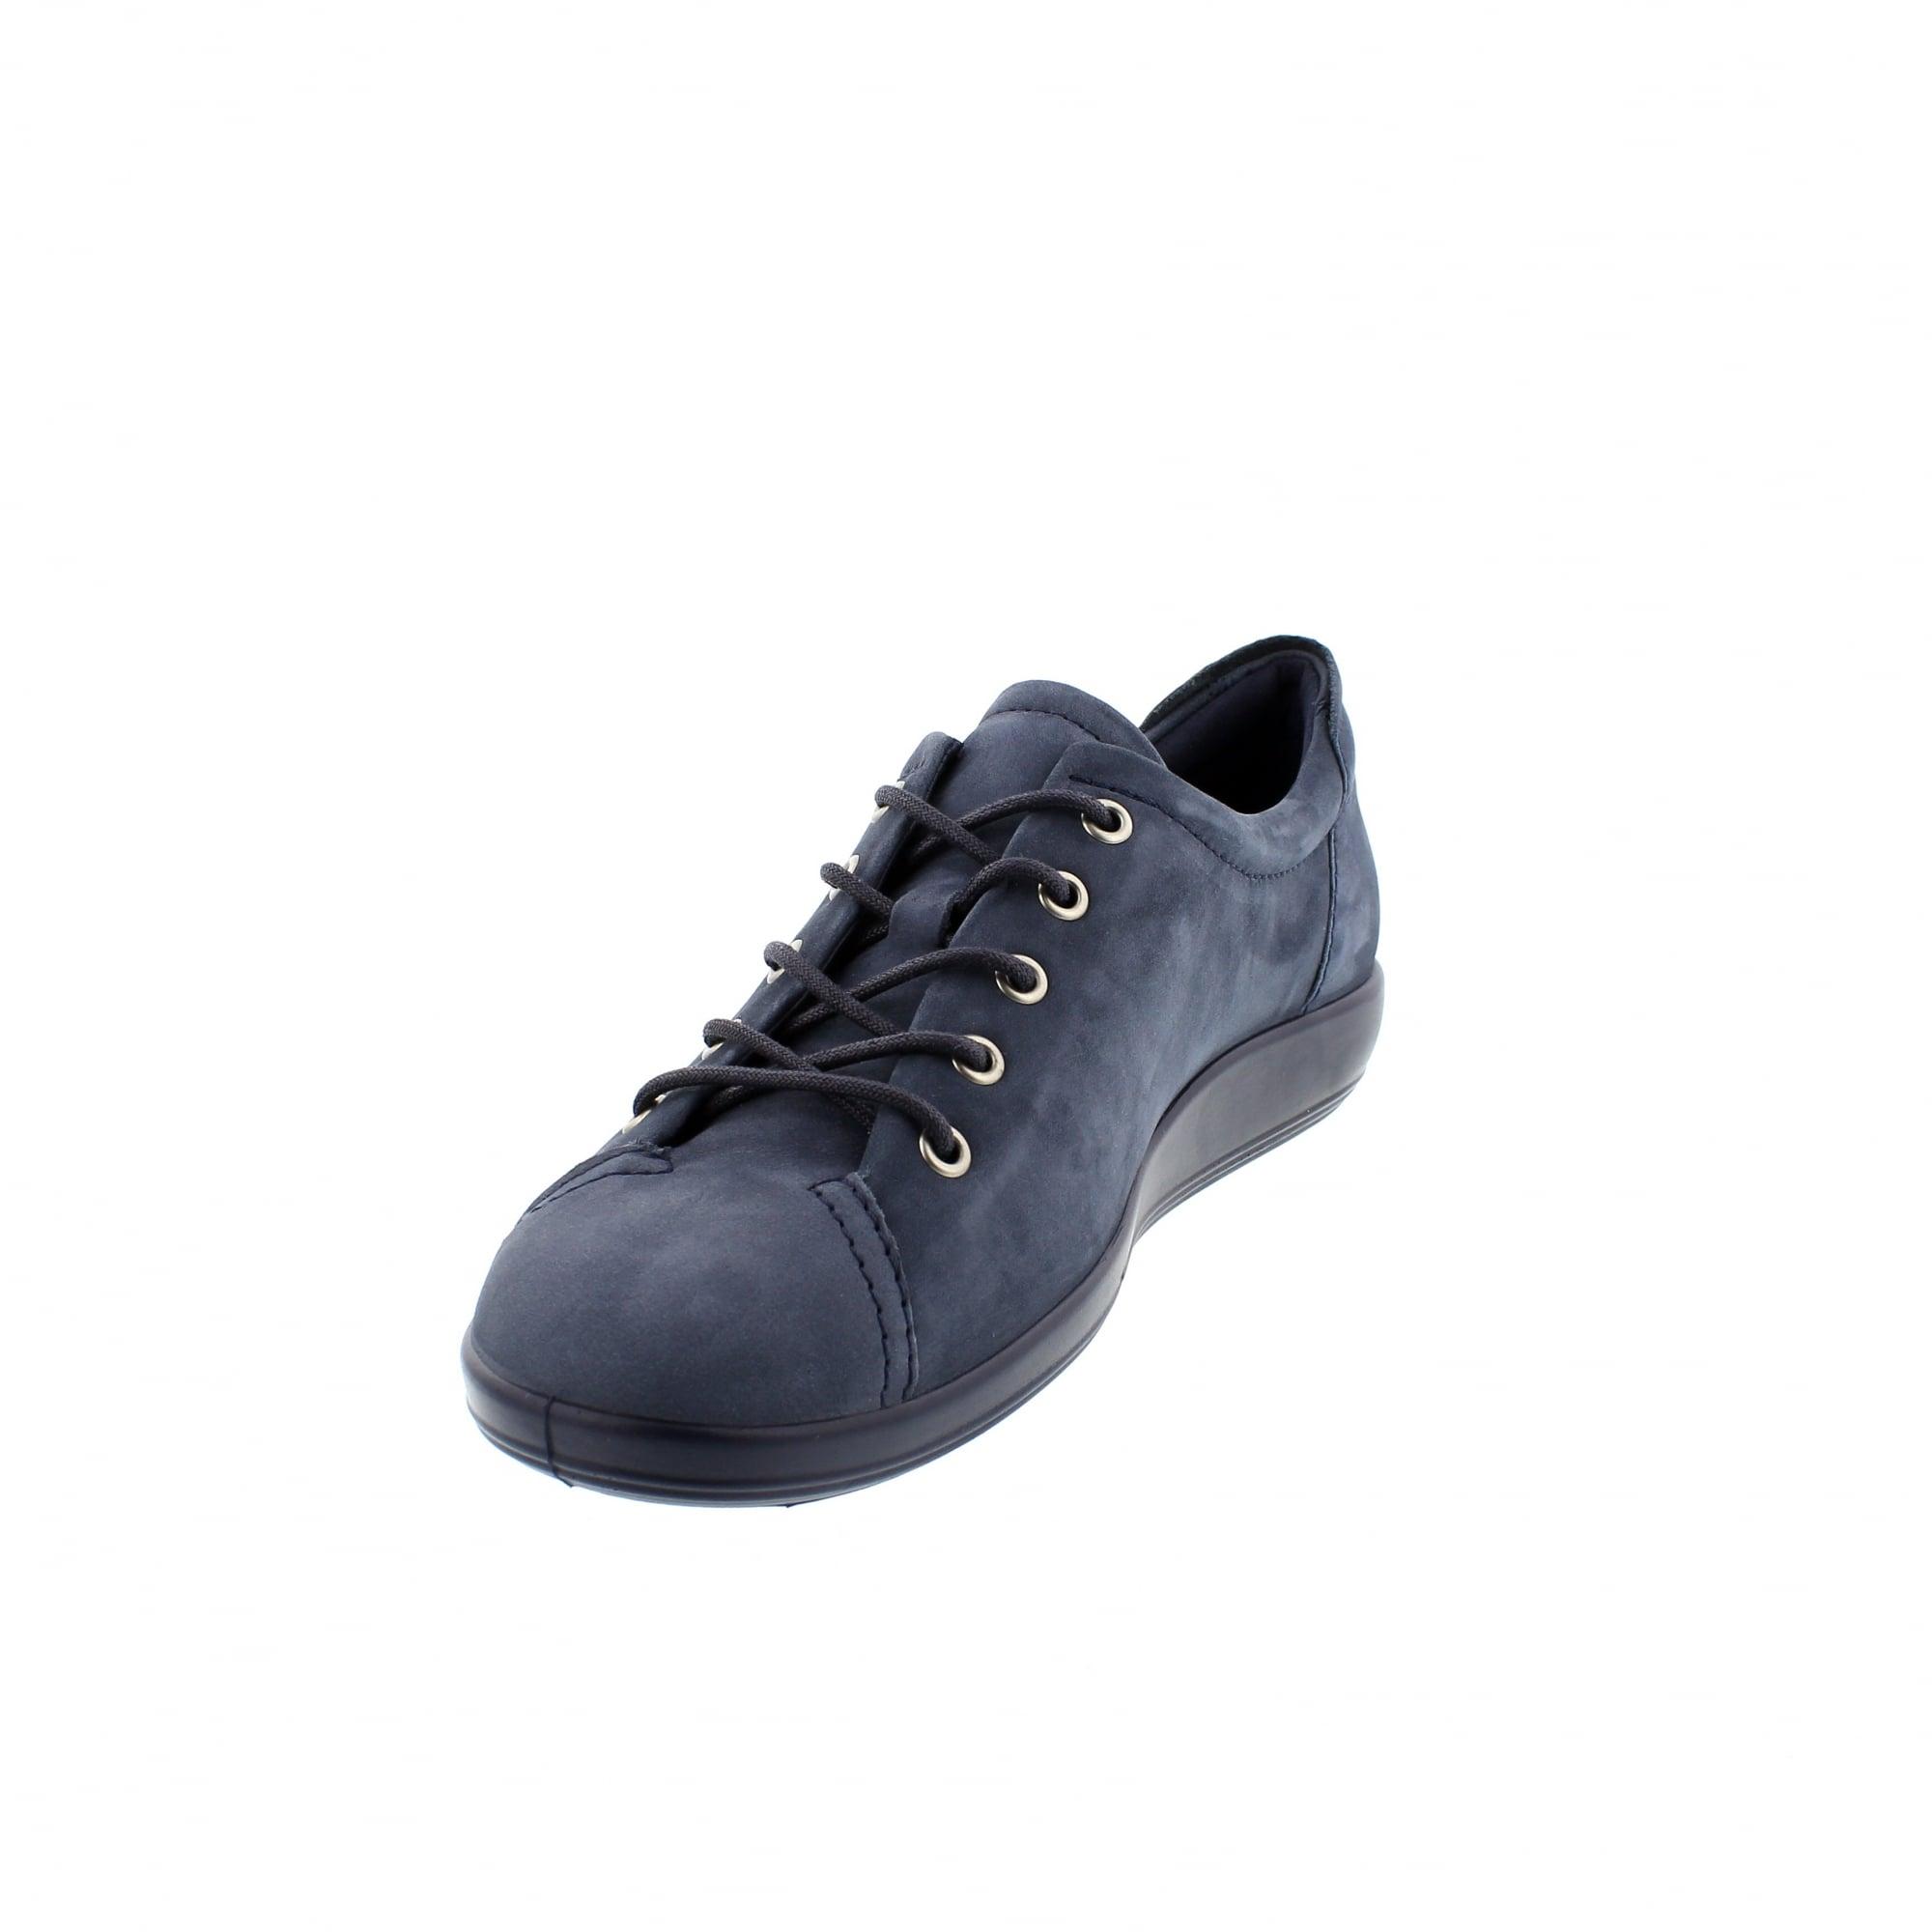 e76165808206 Ecco Soft 2.0 206503-02038 Womens Shoes